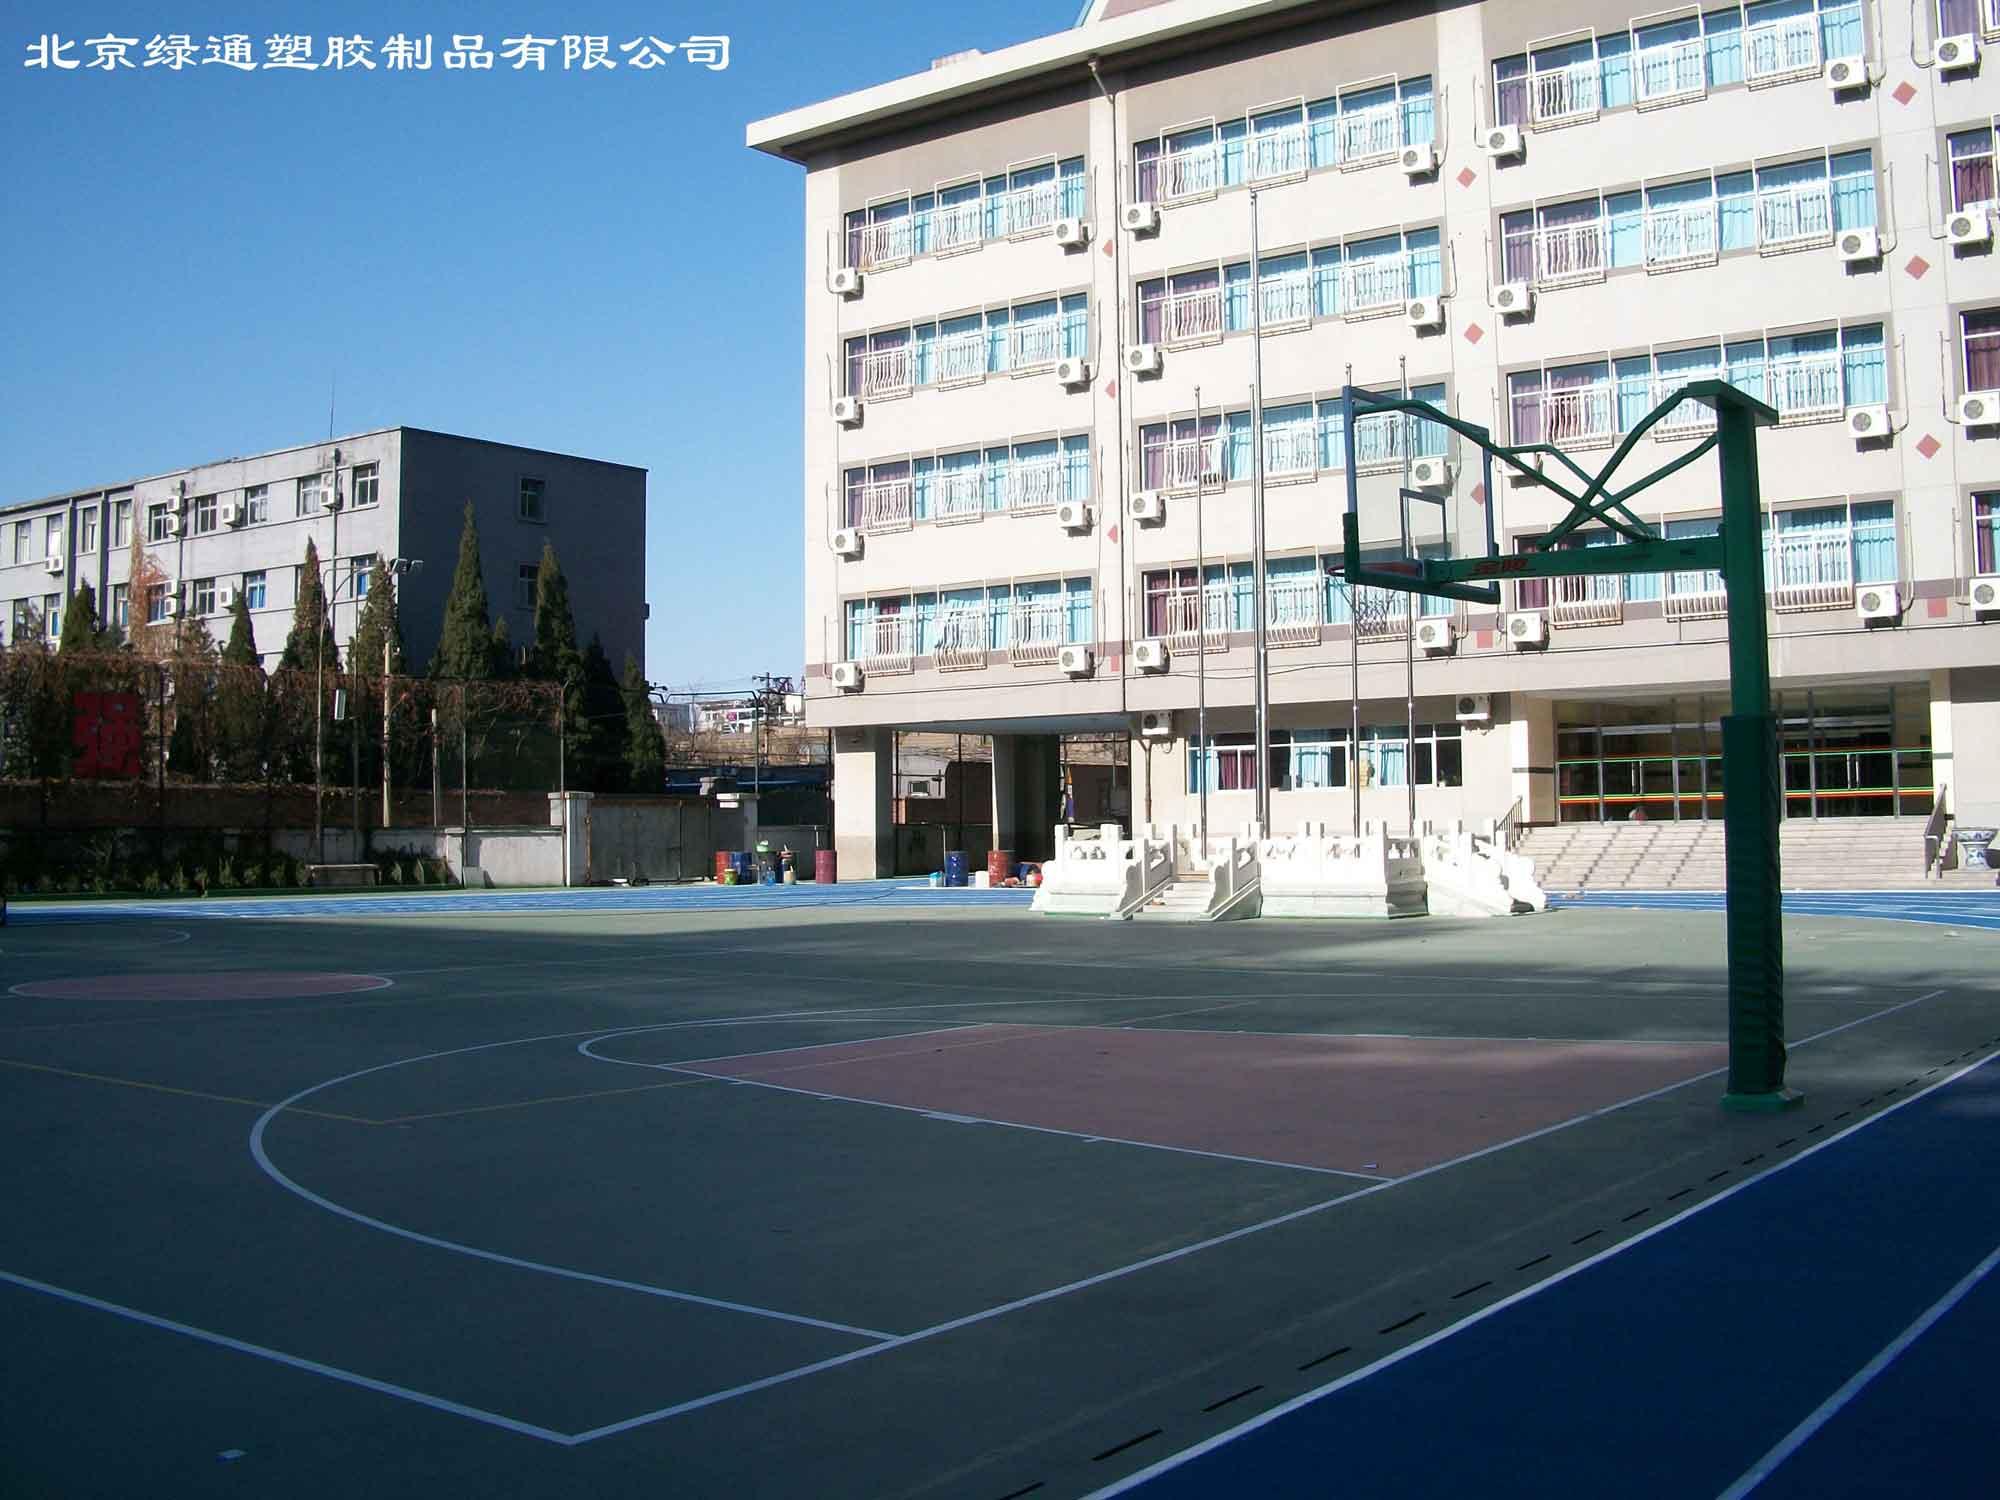 橡胶运动地板 什么地方有卖优质预制型橡胶篮球场地板